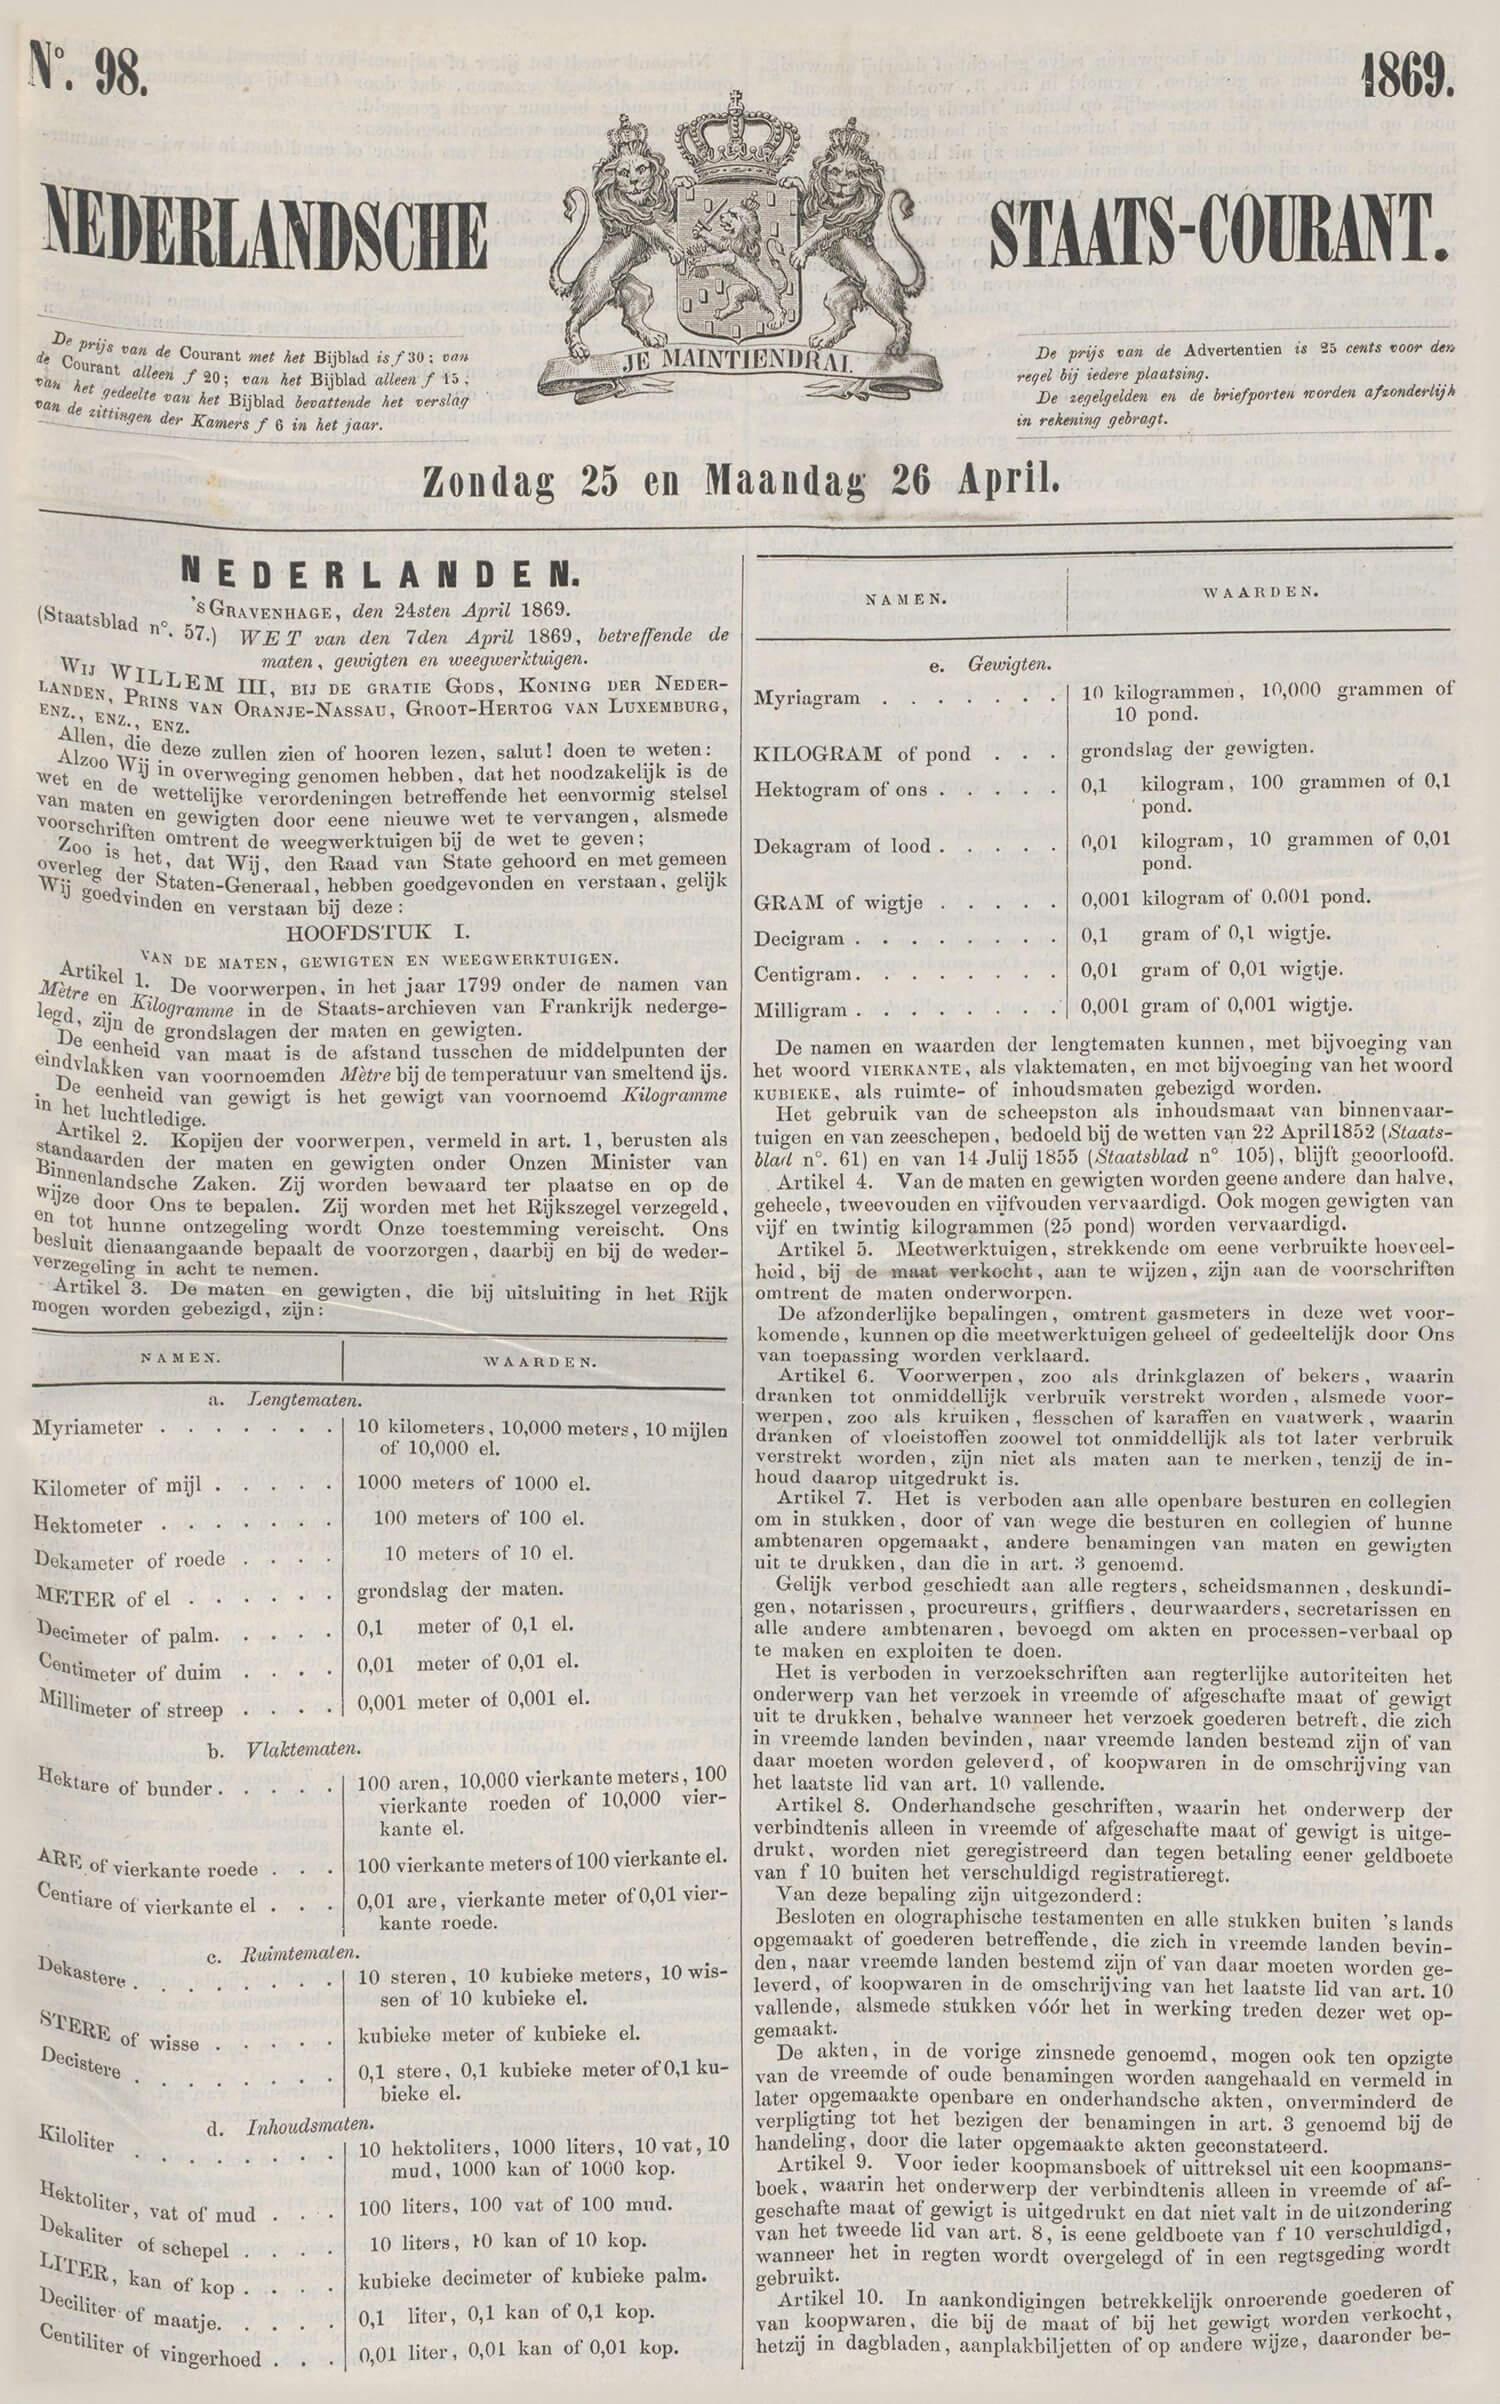 Nederlandsche Staatscourant van 25 april 1869